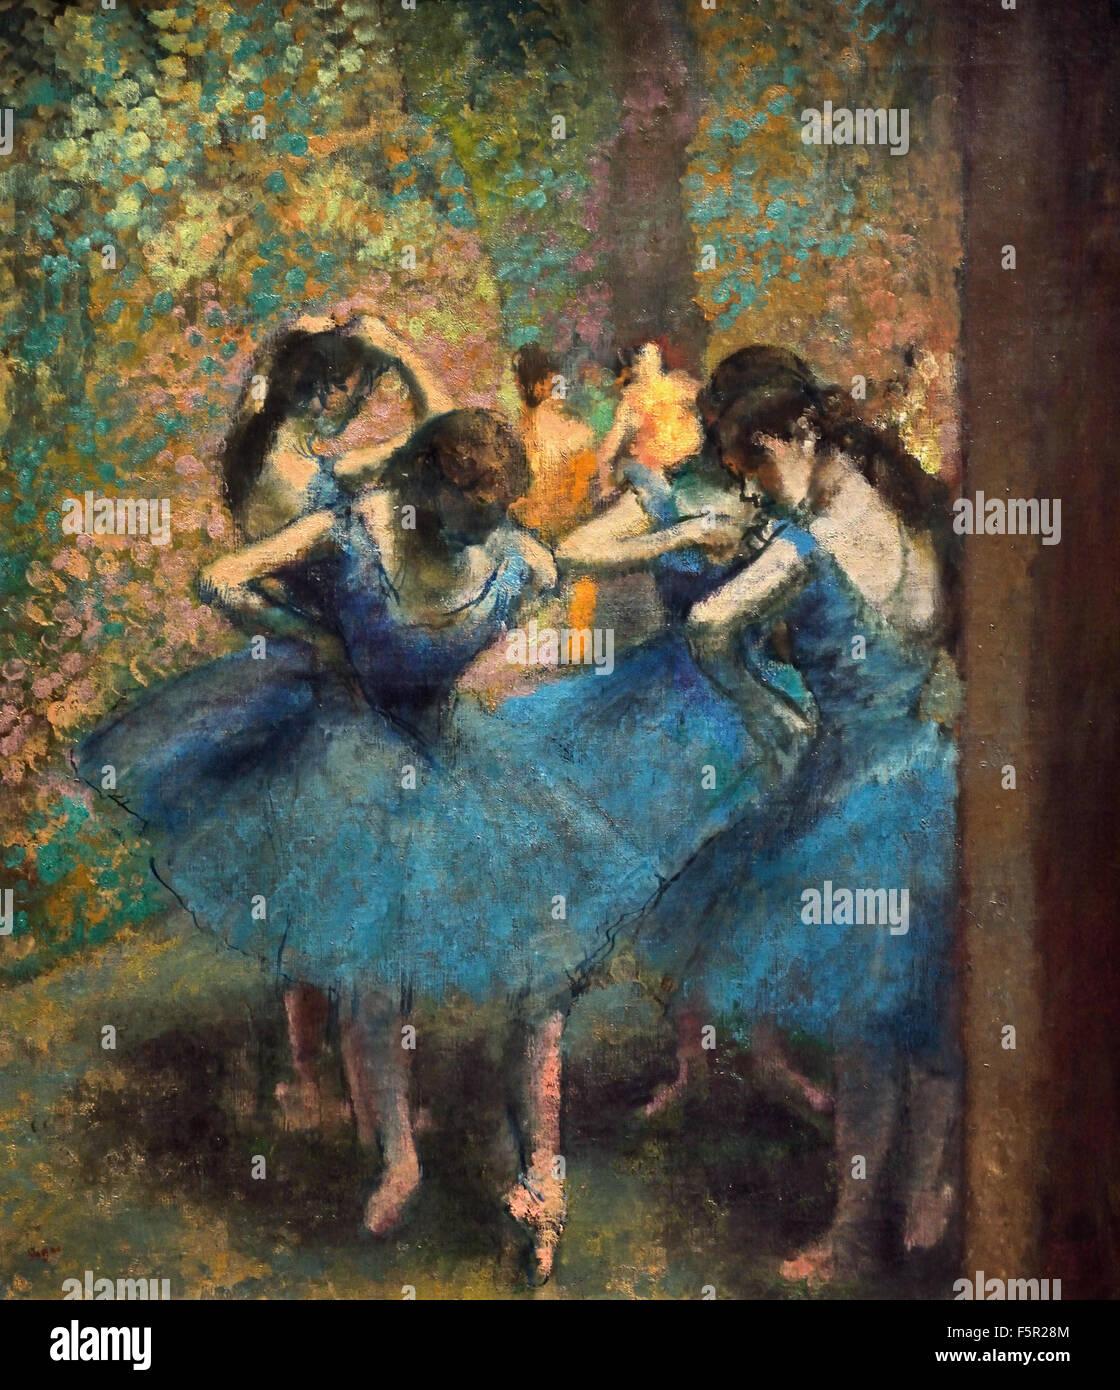 edgar degas en francais Hilaire germain edgar (edgar) degas (parijs, 19 juli 1834 – parijs, 26 september 1917) was een franse impressionistisch kunstschilder en beeldhouwer répétition d'un ballet sur la scène , 1874 de tobbe , pastel, 1886.